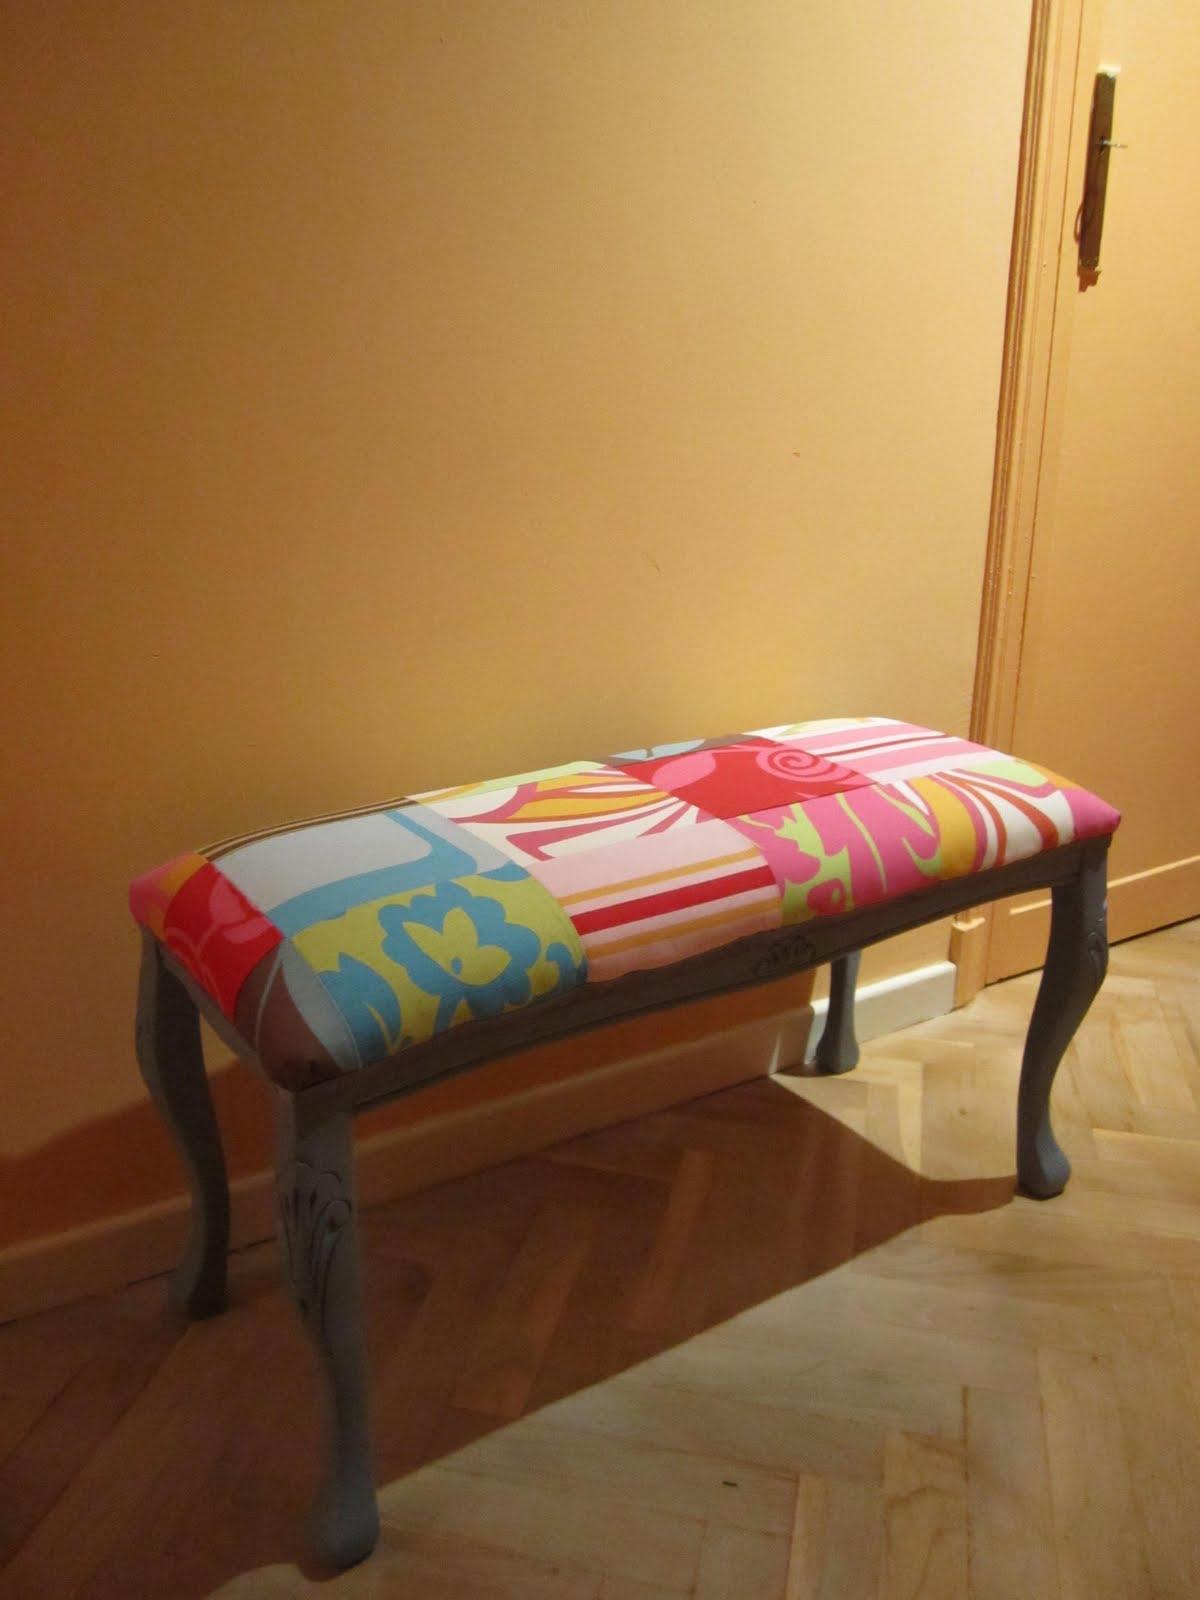 Naifandtastic decoraci n craft hecho a mano restauracion muebles casas peque as boda cosas - Como tapizar una descalzadora ...